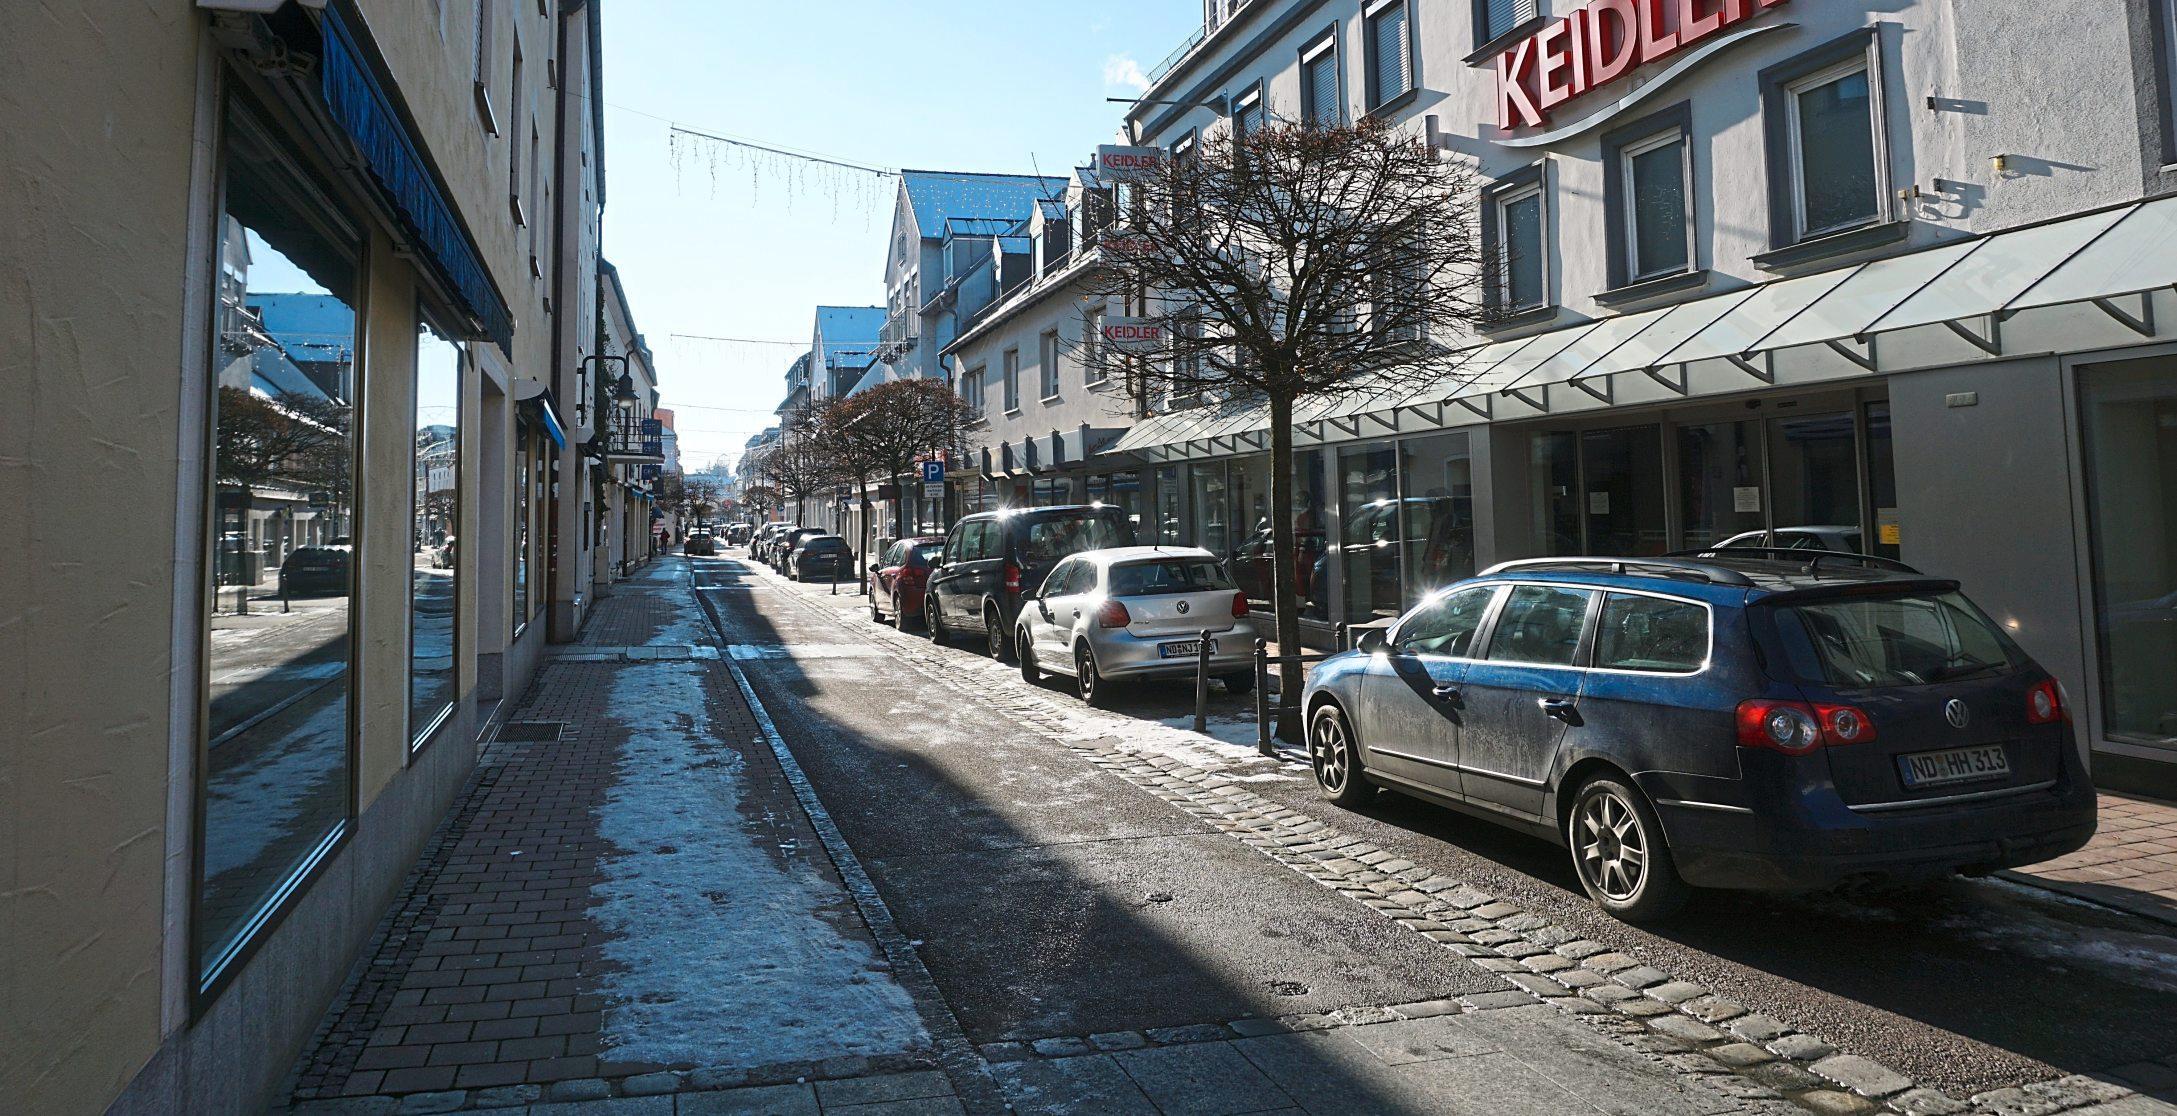 Nicht viel los in der Neuburger Innenstadt. Die Straßen sind weitgehend leer, Kaum Kunden unterwegs. Und die Türen der meisten Geschäfte sind zu. Click & Collekt macht den Einkauf allerdings nur unter bestimmten Voraussetzungen möglich. Das gilt zum Beispiel auch für frische Blumen, nach denen sich viele Kunden jetzt ganz besonders sehnen. Fotos: Hanne/Bartenschlager